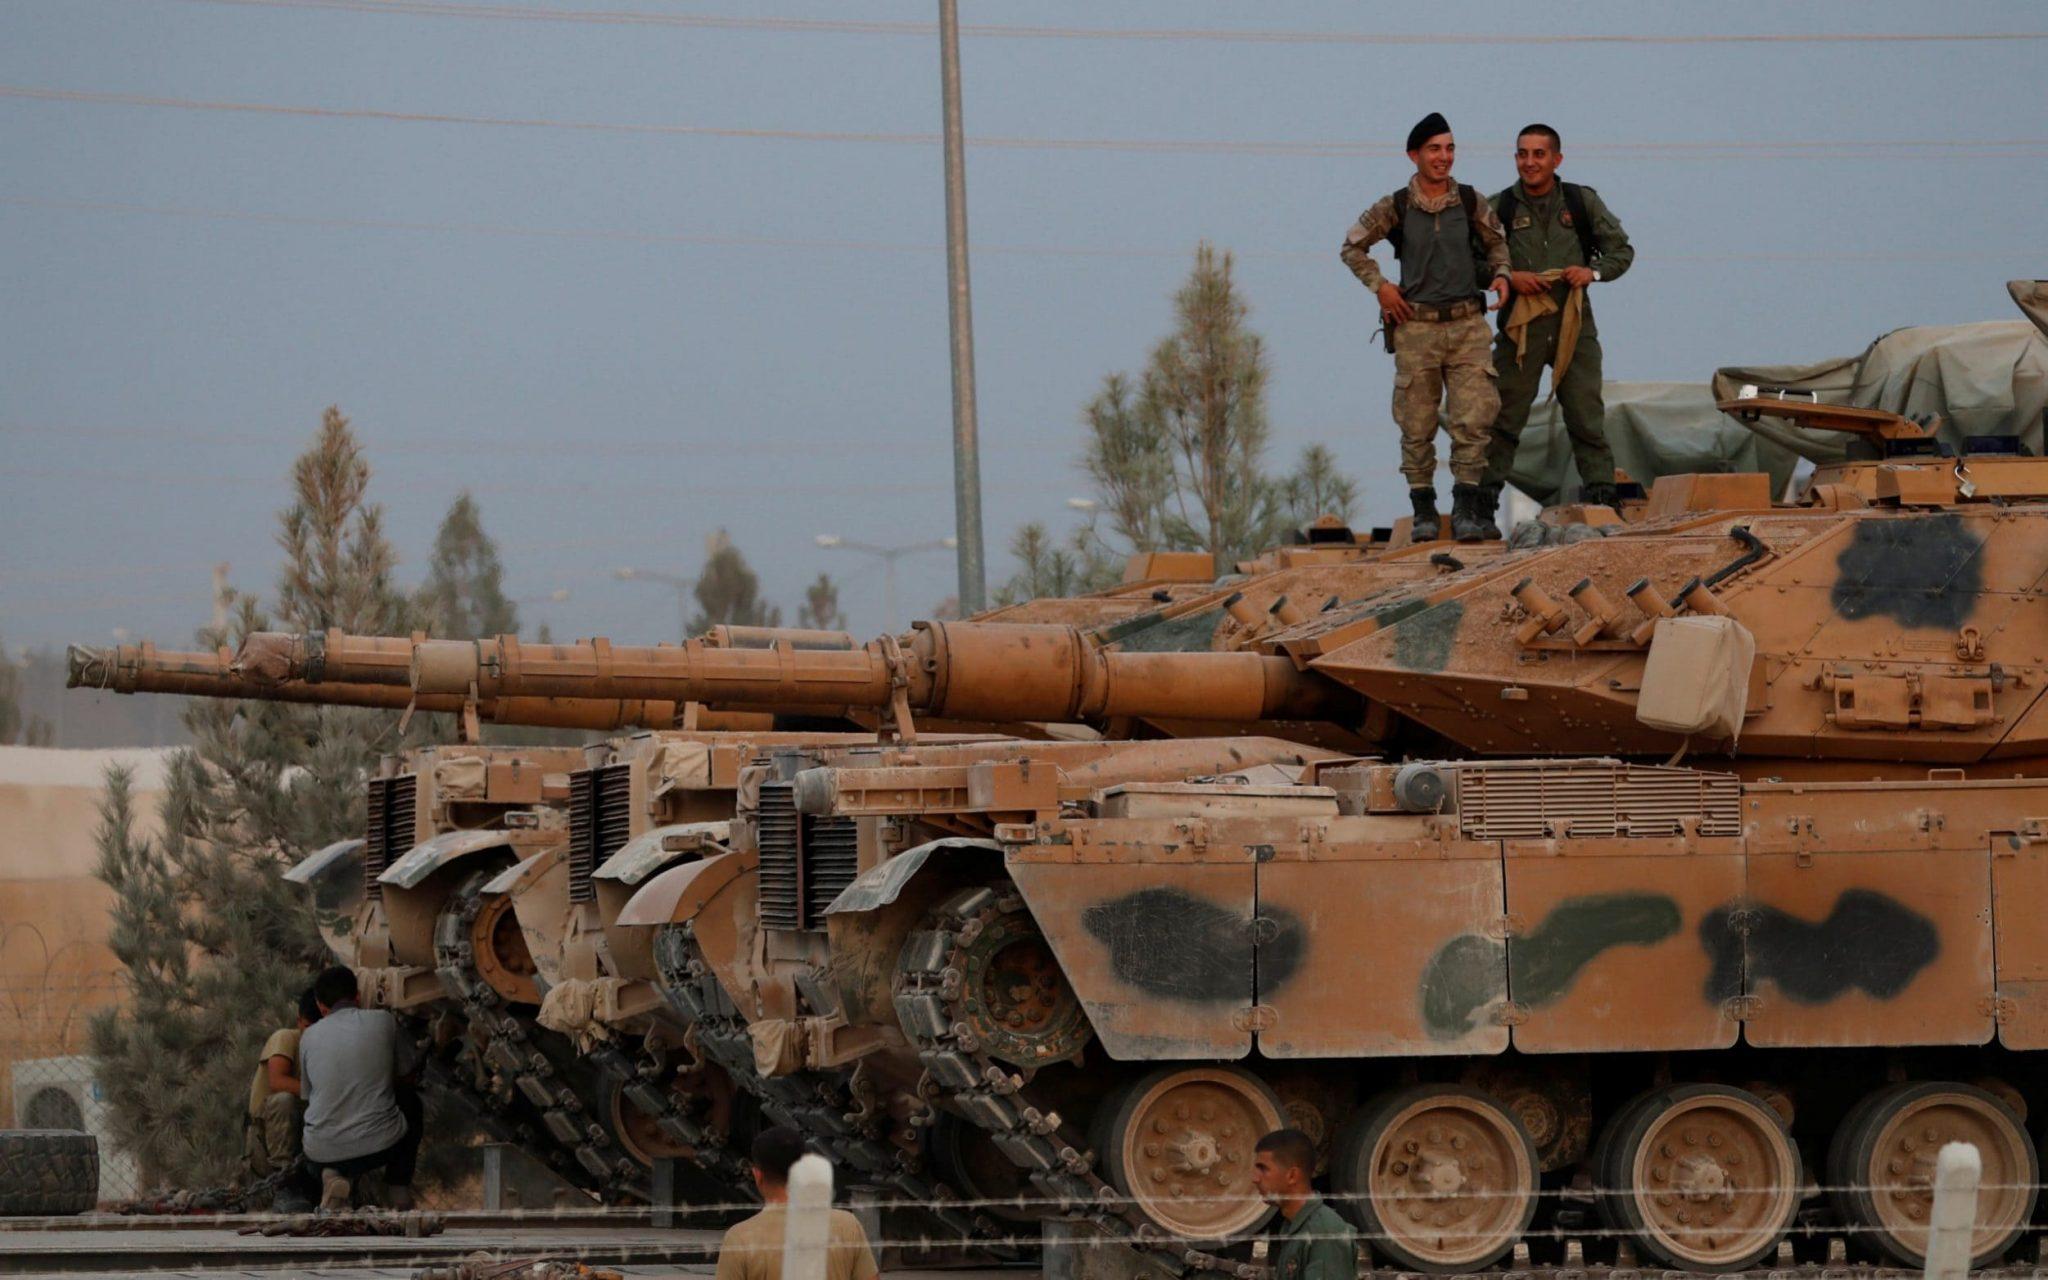 صورة طلائع الجيش التركي تصل أذربيجان- فيديو